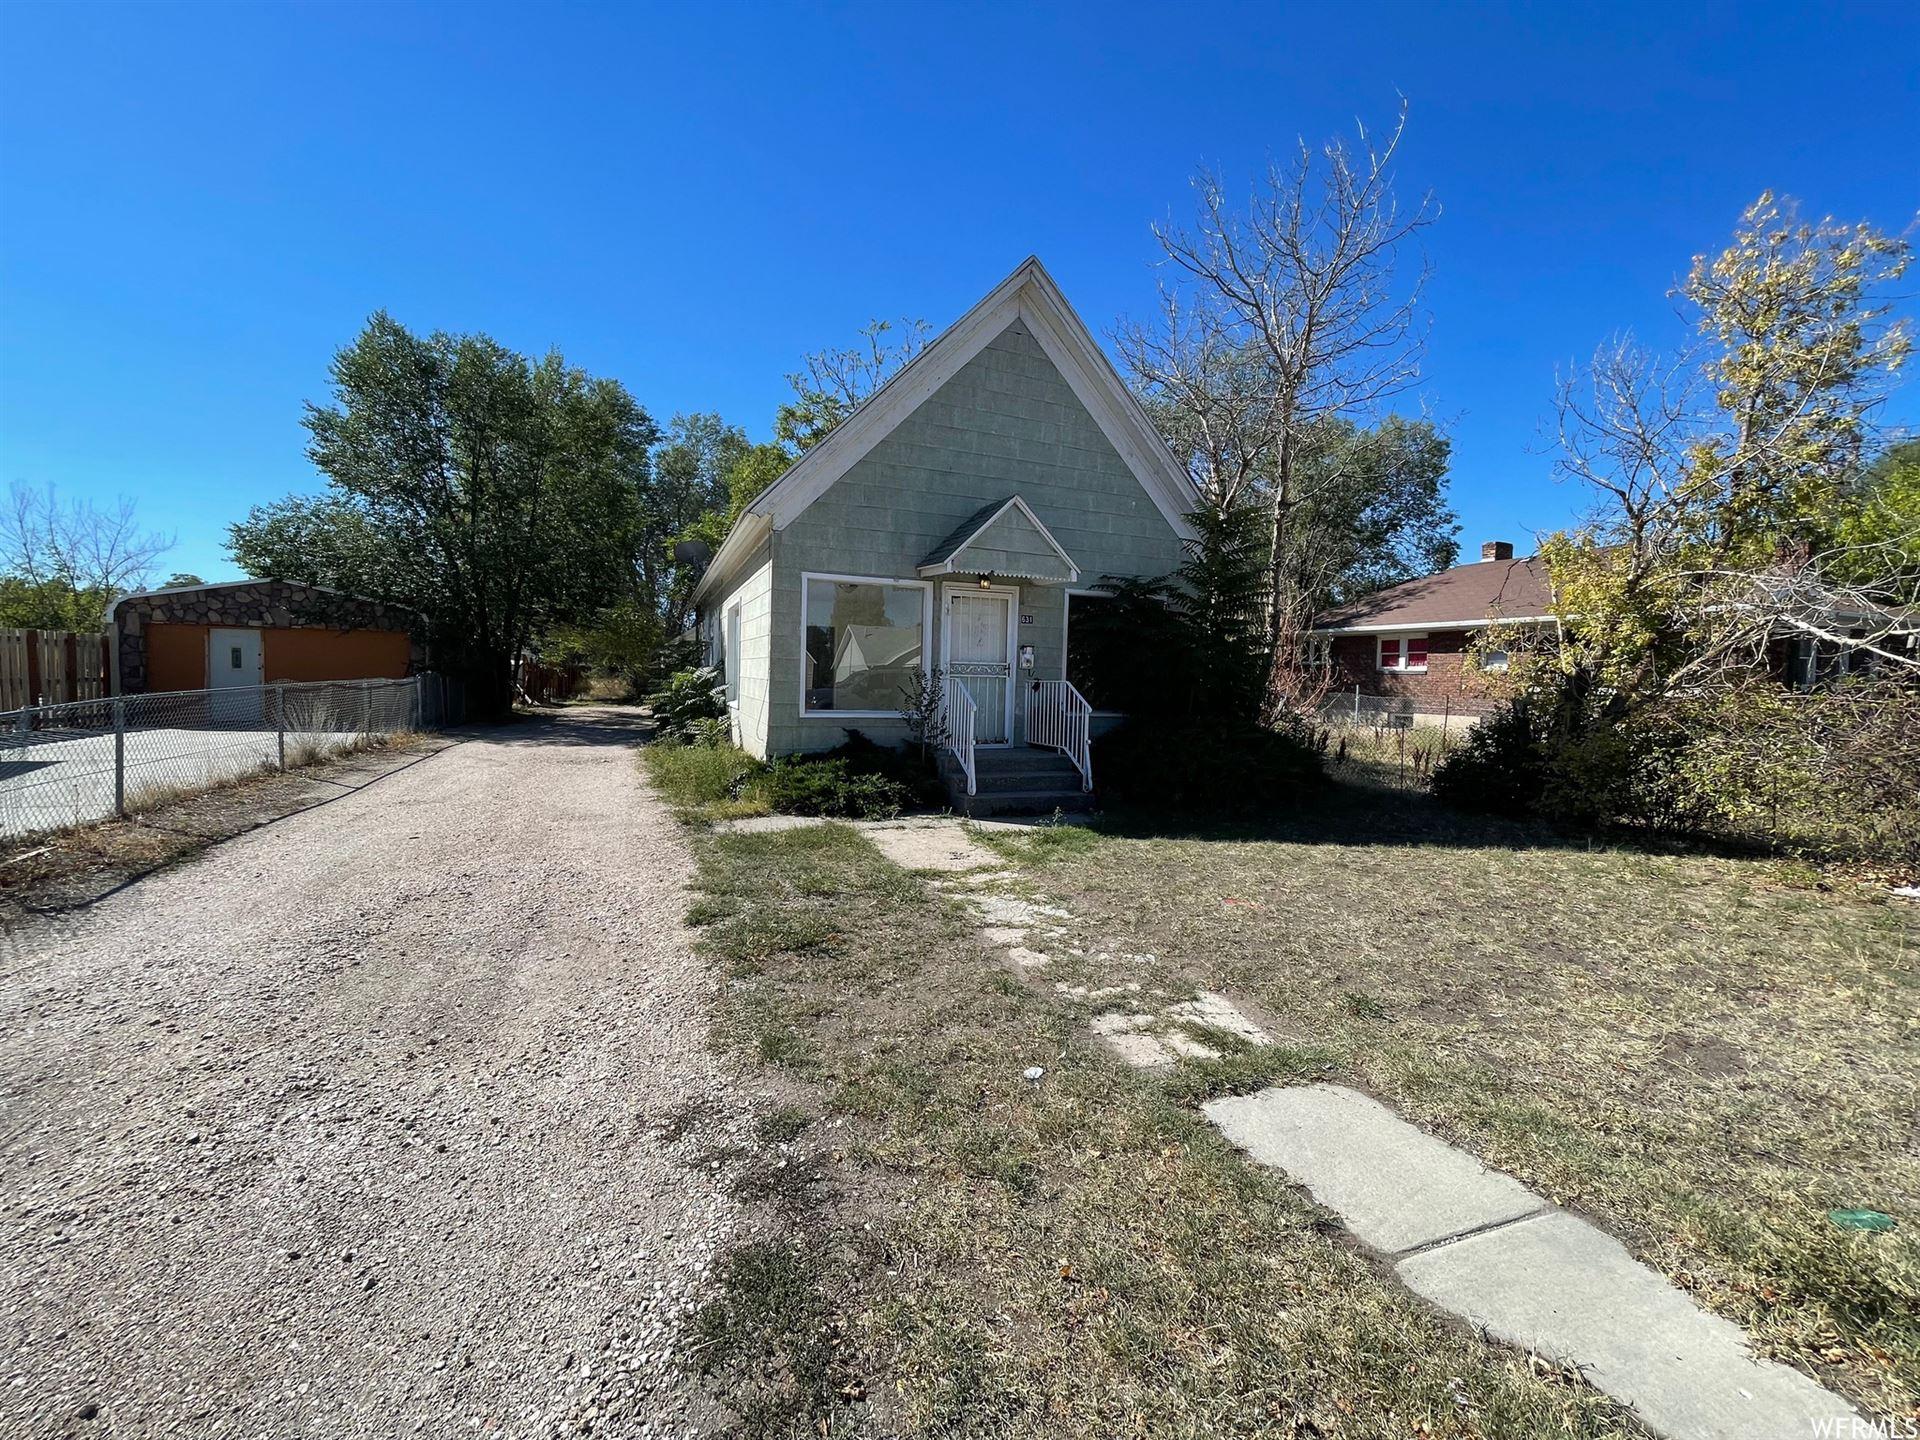 Photo of 631 W 24TH S, Ogden, UT 84401 (MLS # 1770452)